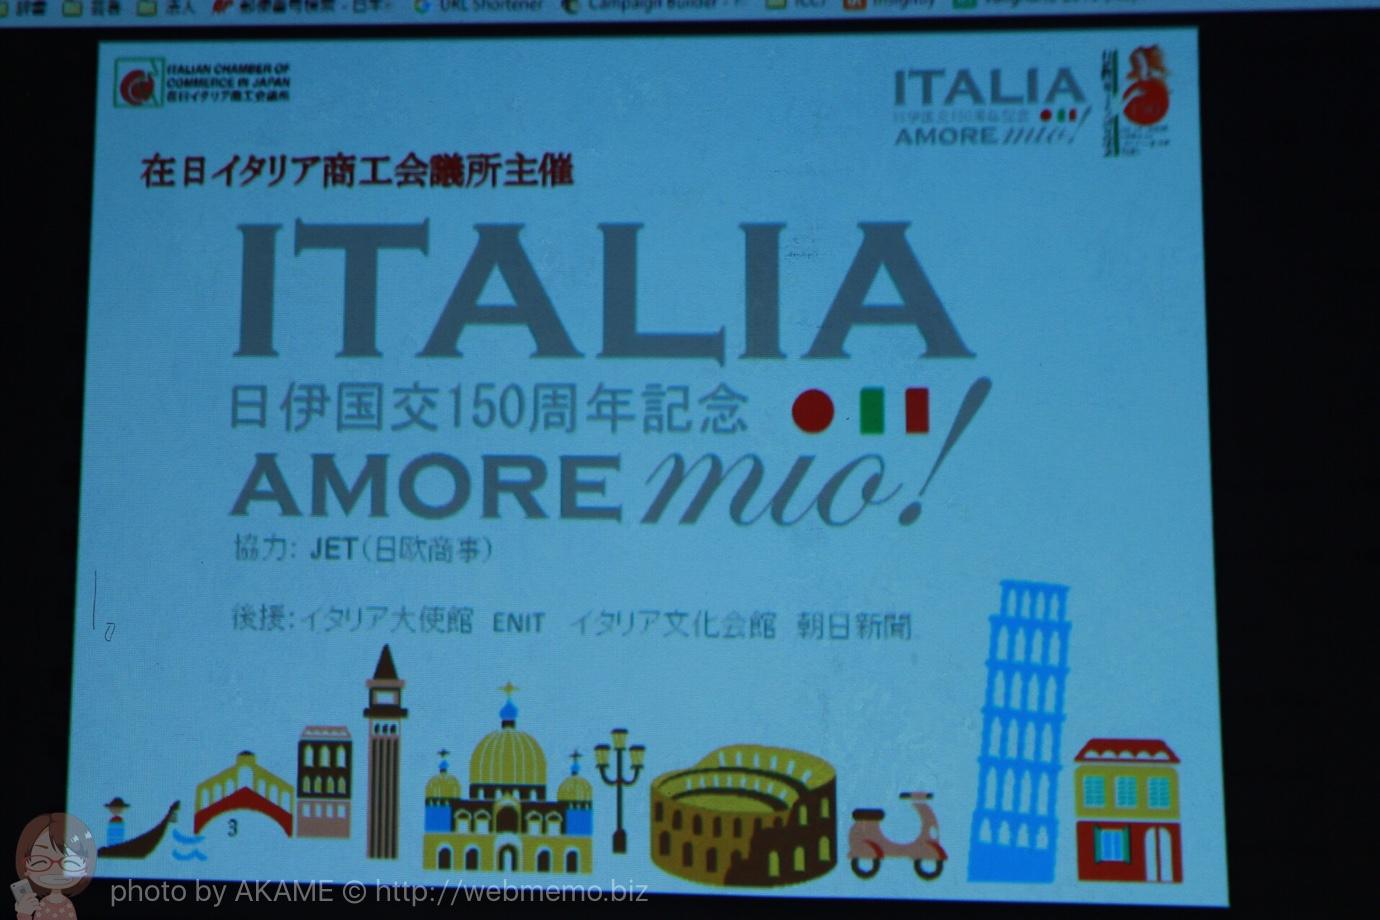 イタリア・アモーレ・ミオ!について